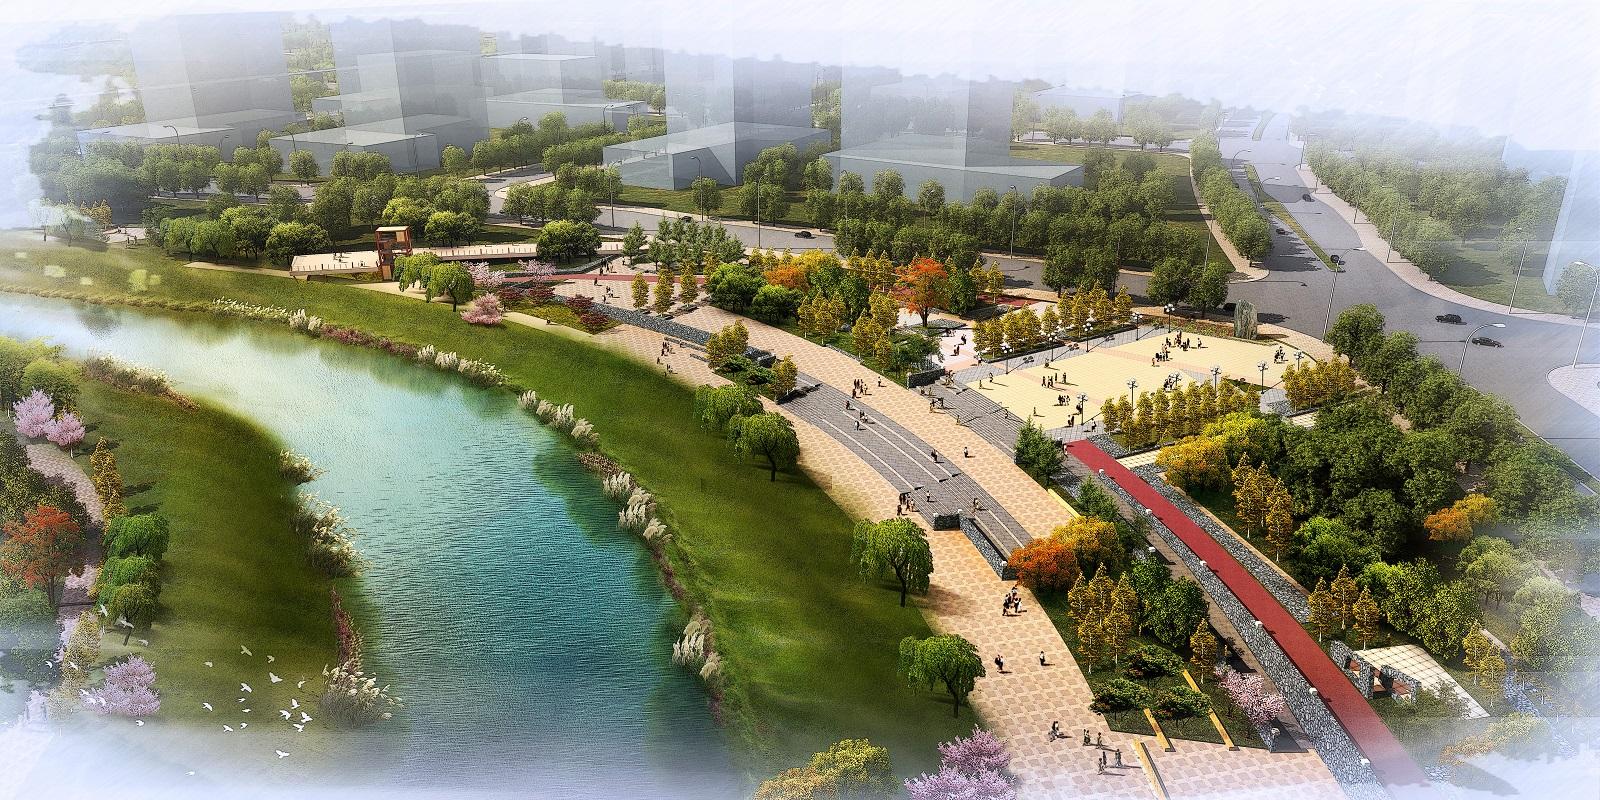 海东市平安心湿地文化公园(江河源杯)